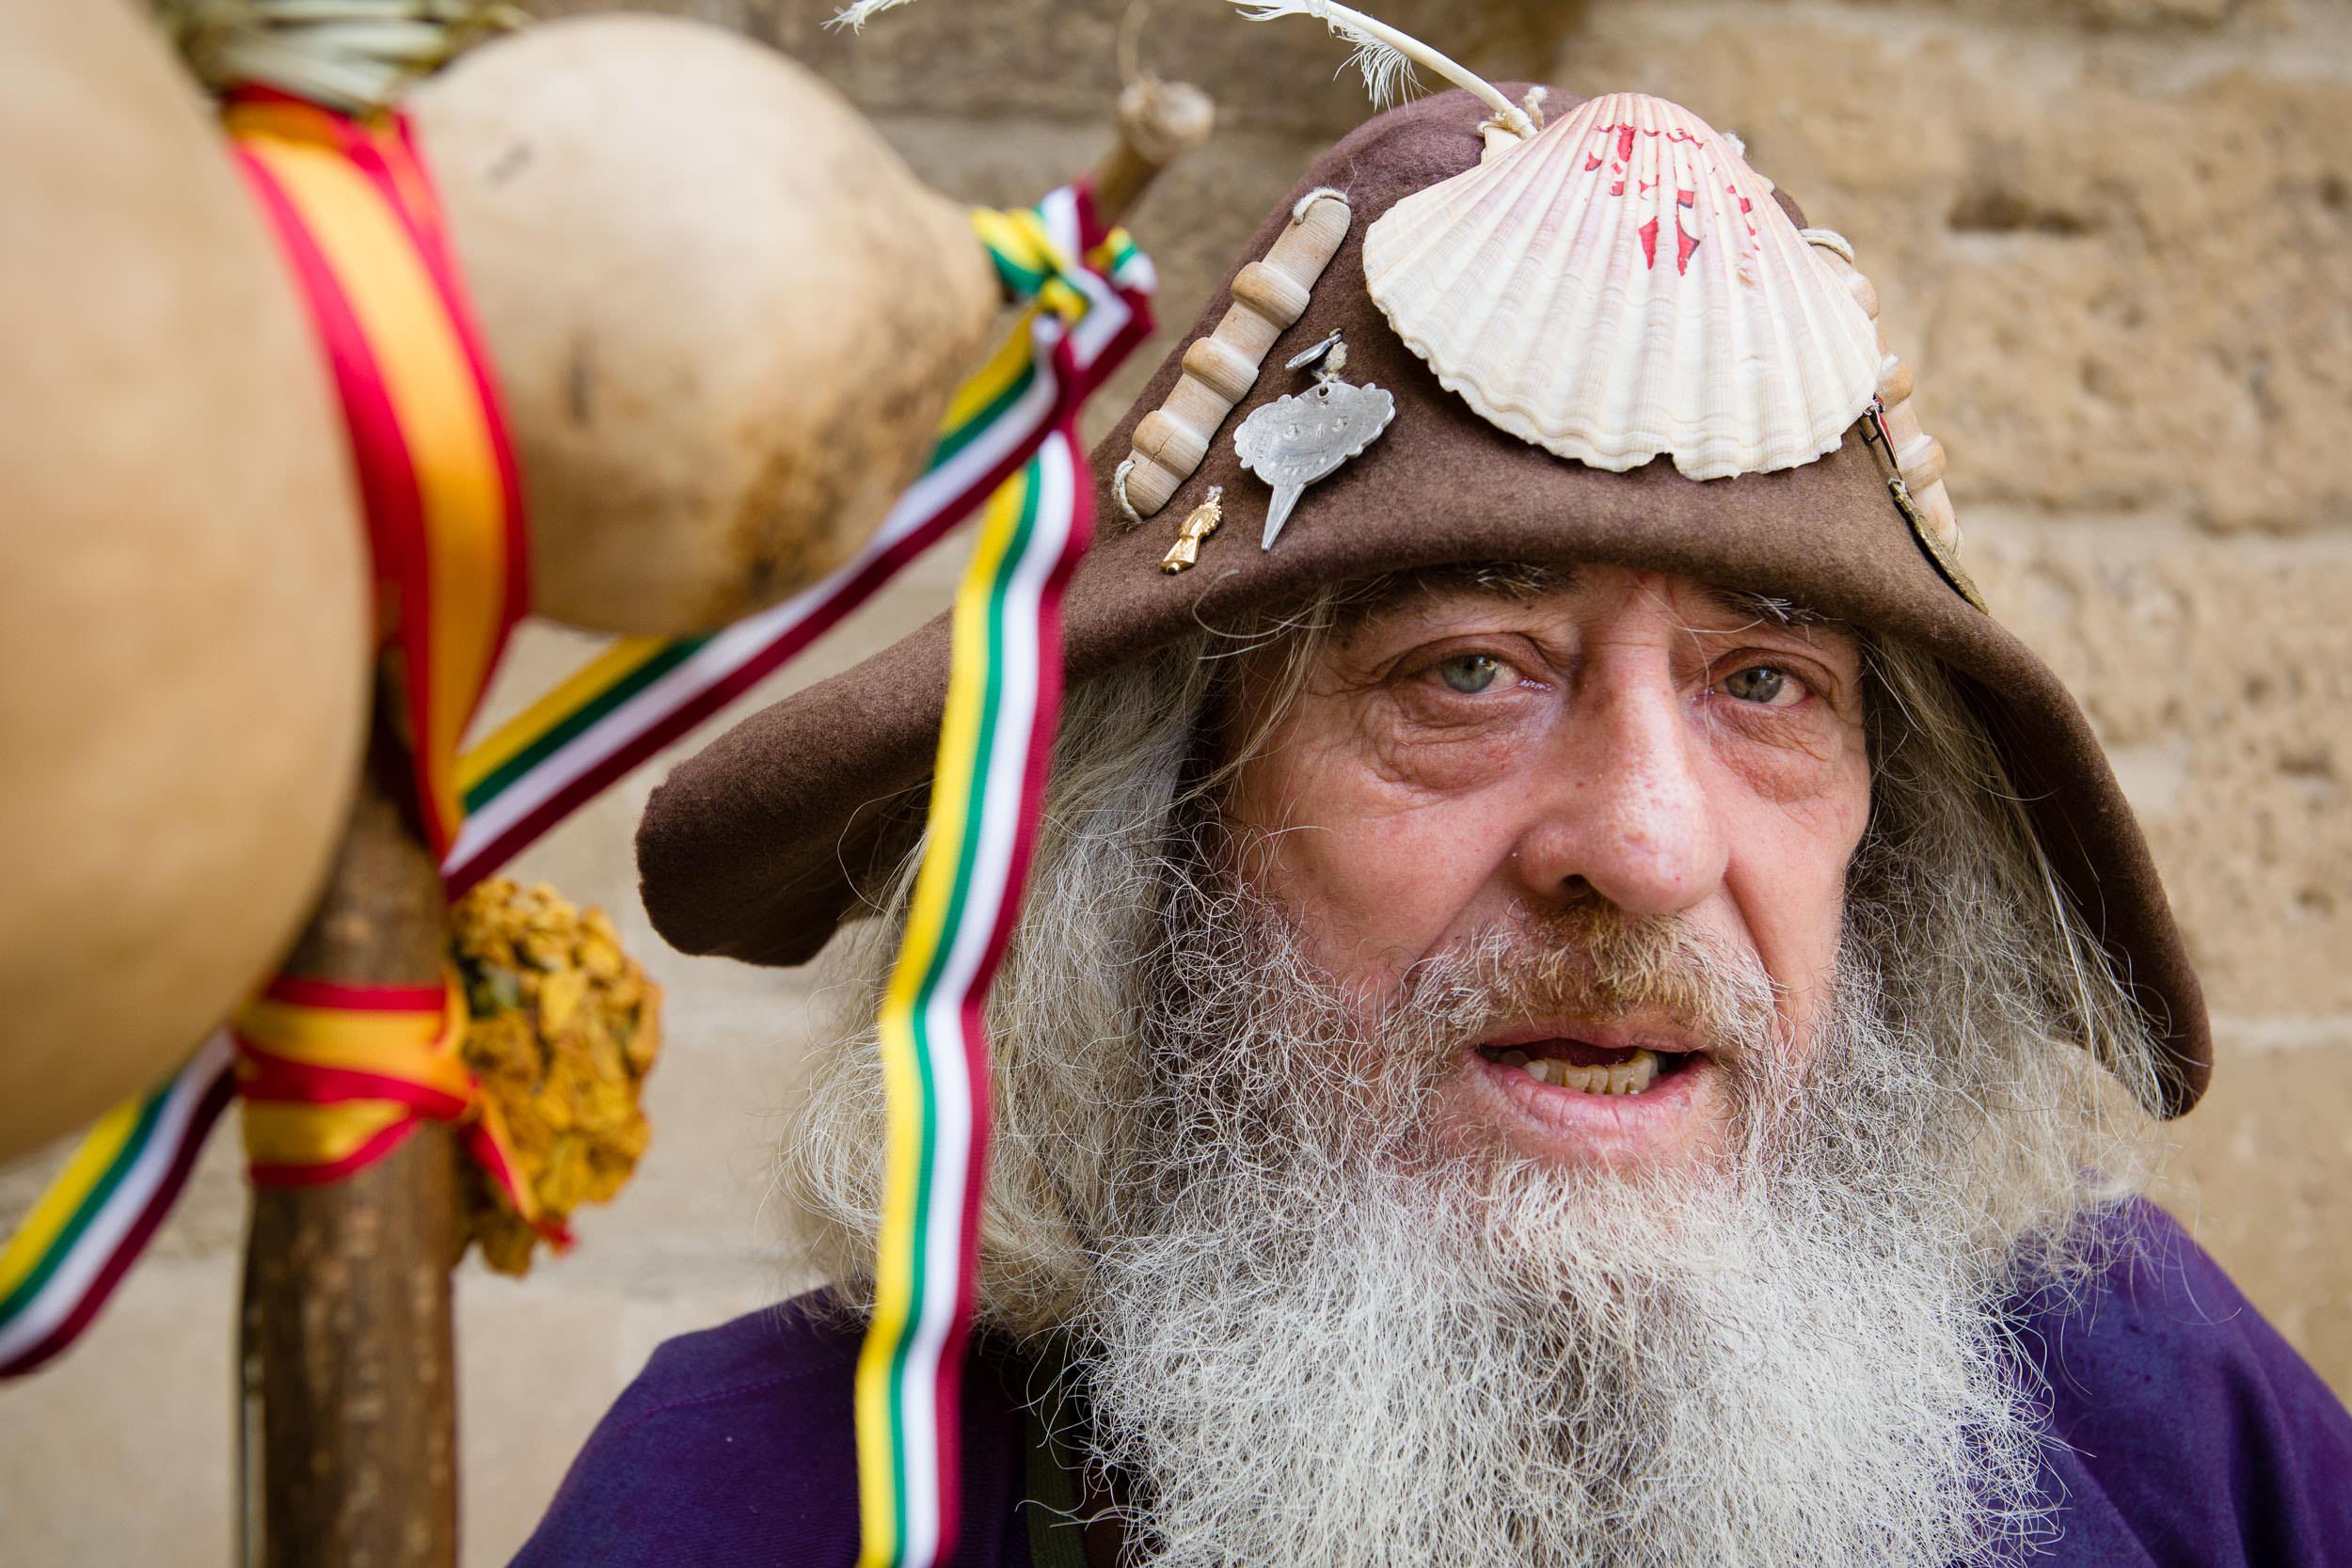 Fotografia de Retratos La Rioja Pais Vasco España - James Sturcke - sturcke.org_013.jpg